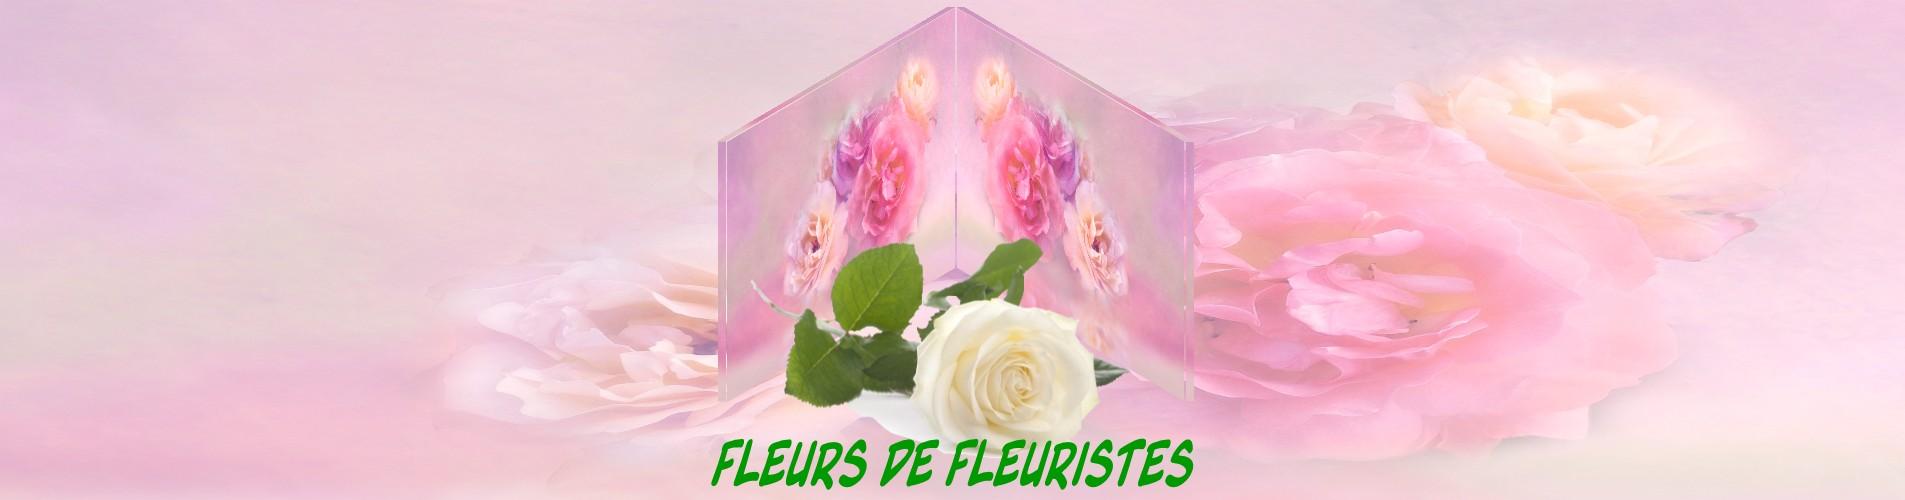 AMBLEON (01) - Fleurs deuil, fleurs enterrement, livraison fleurs